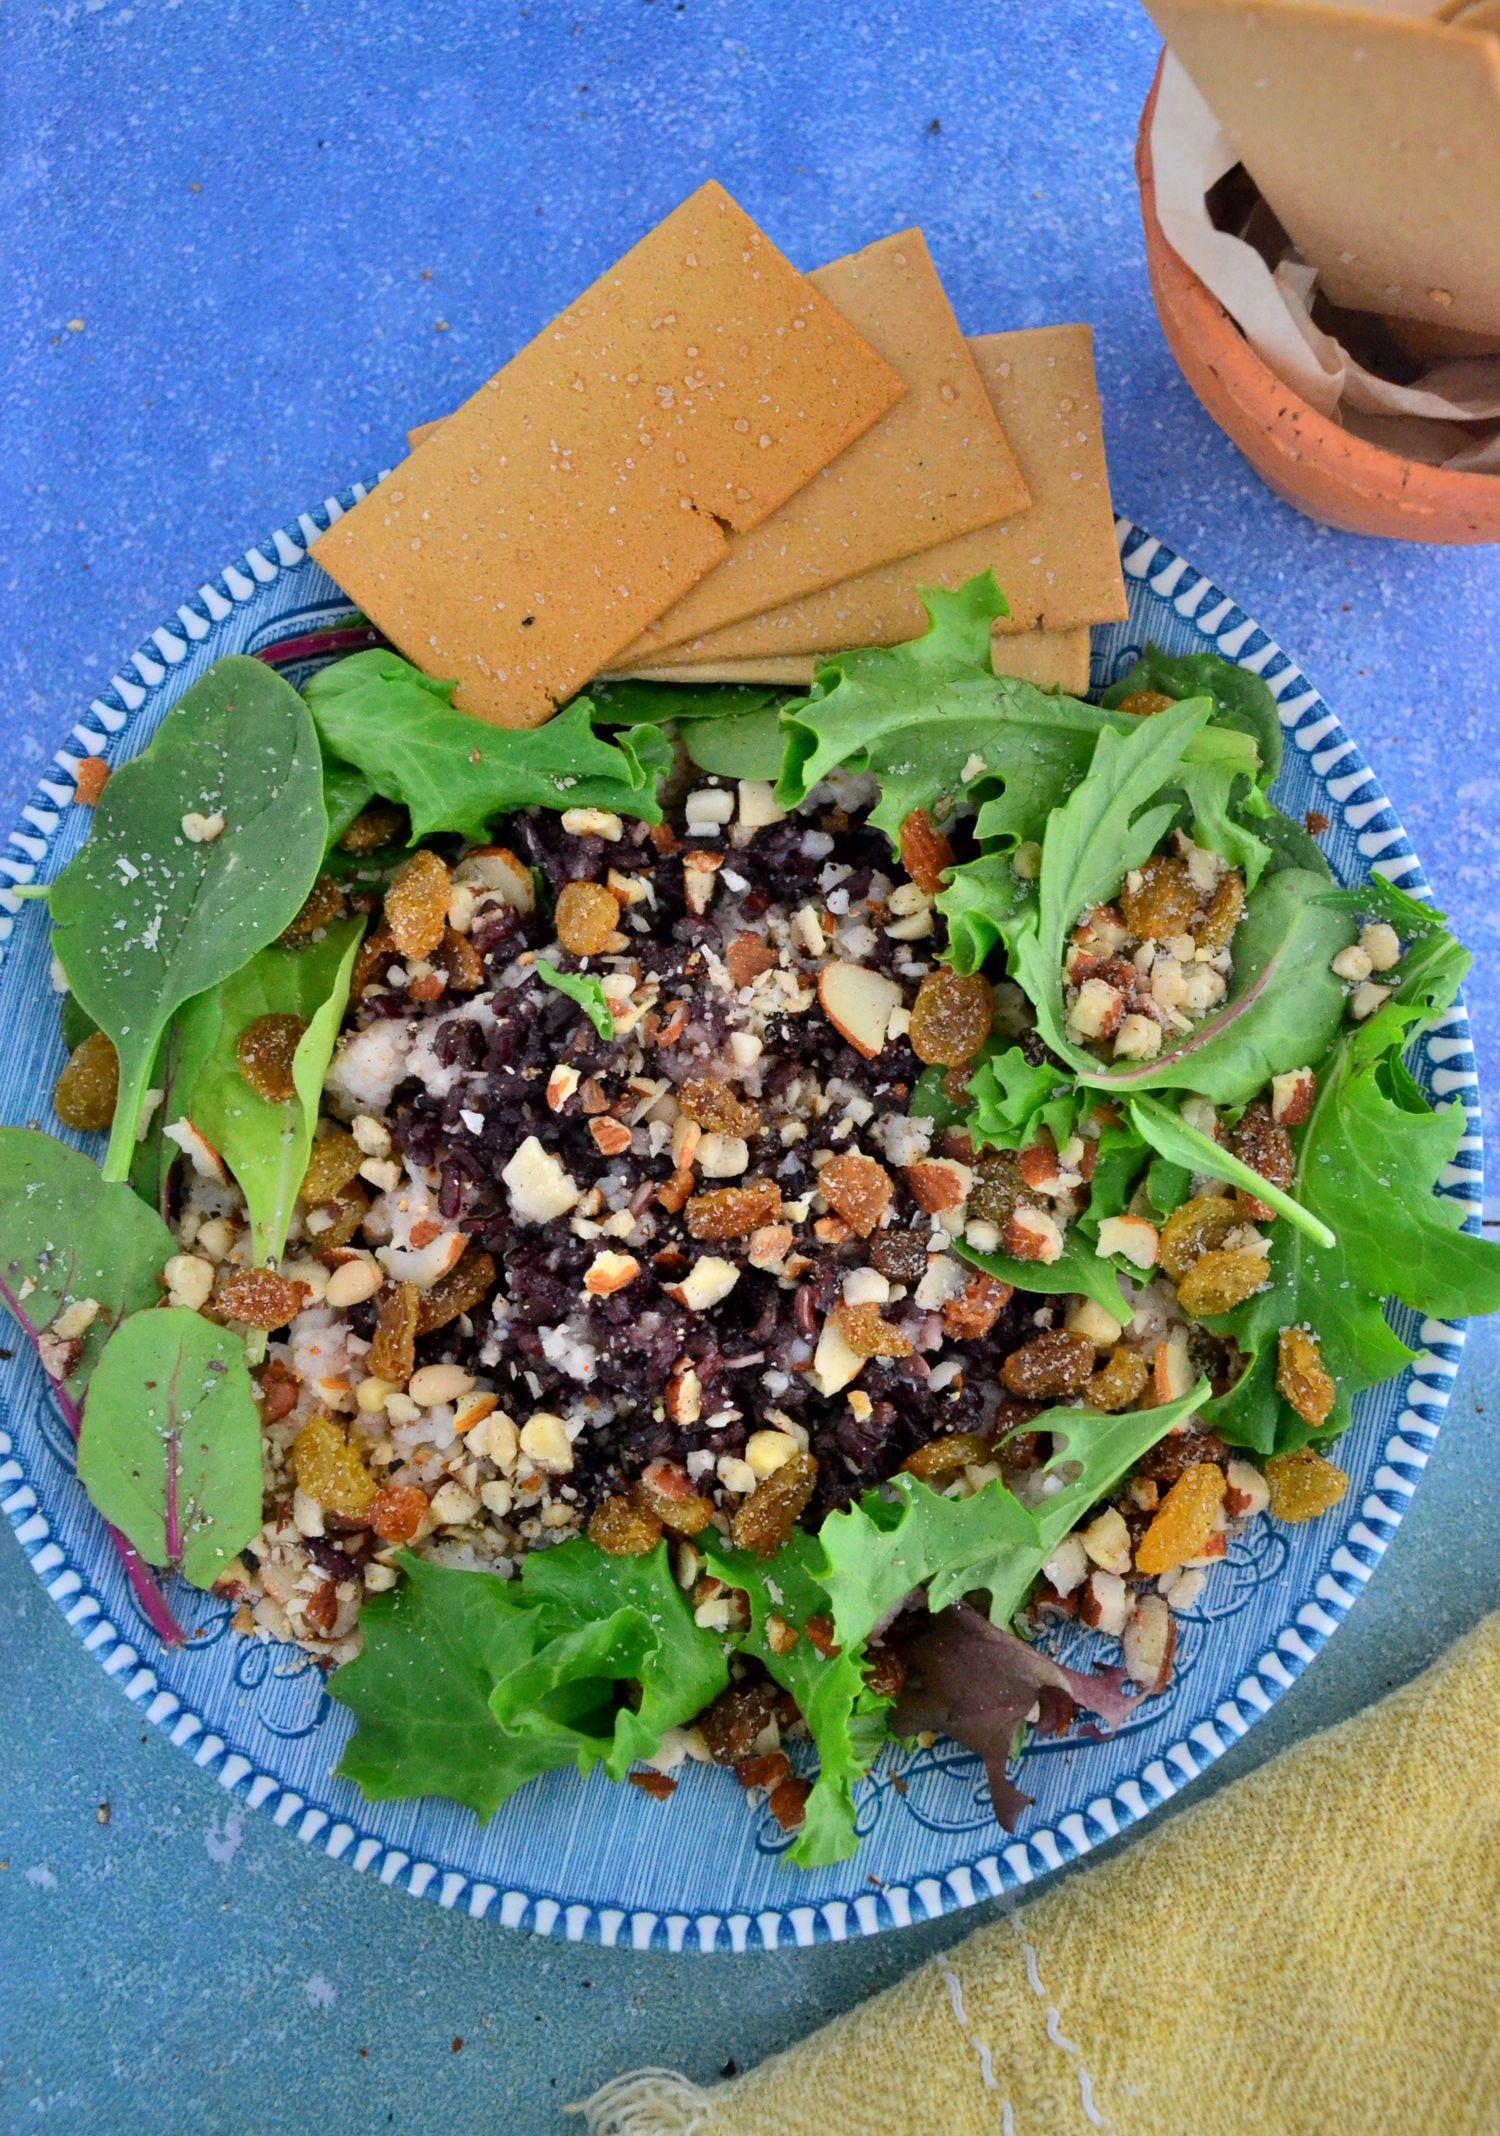 Recipe: Golden Raisin Quinoa Salad